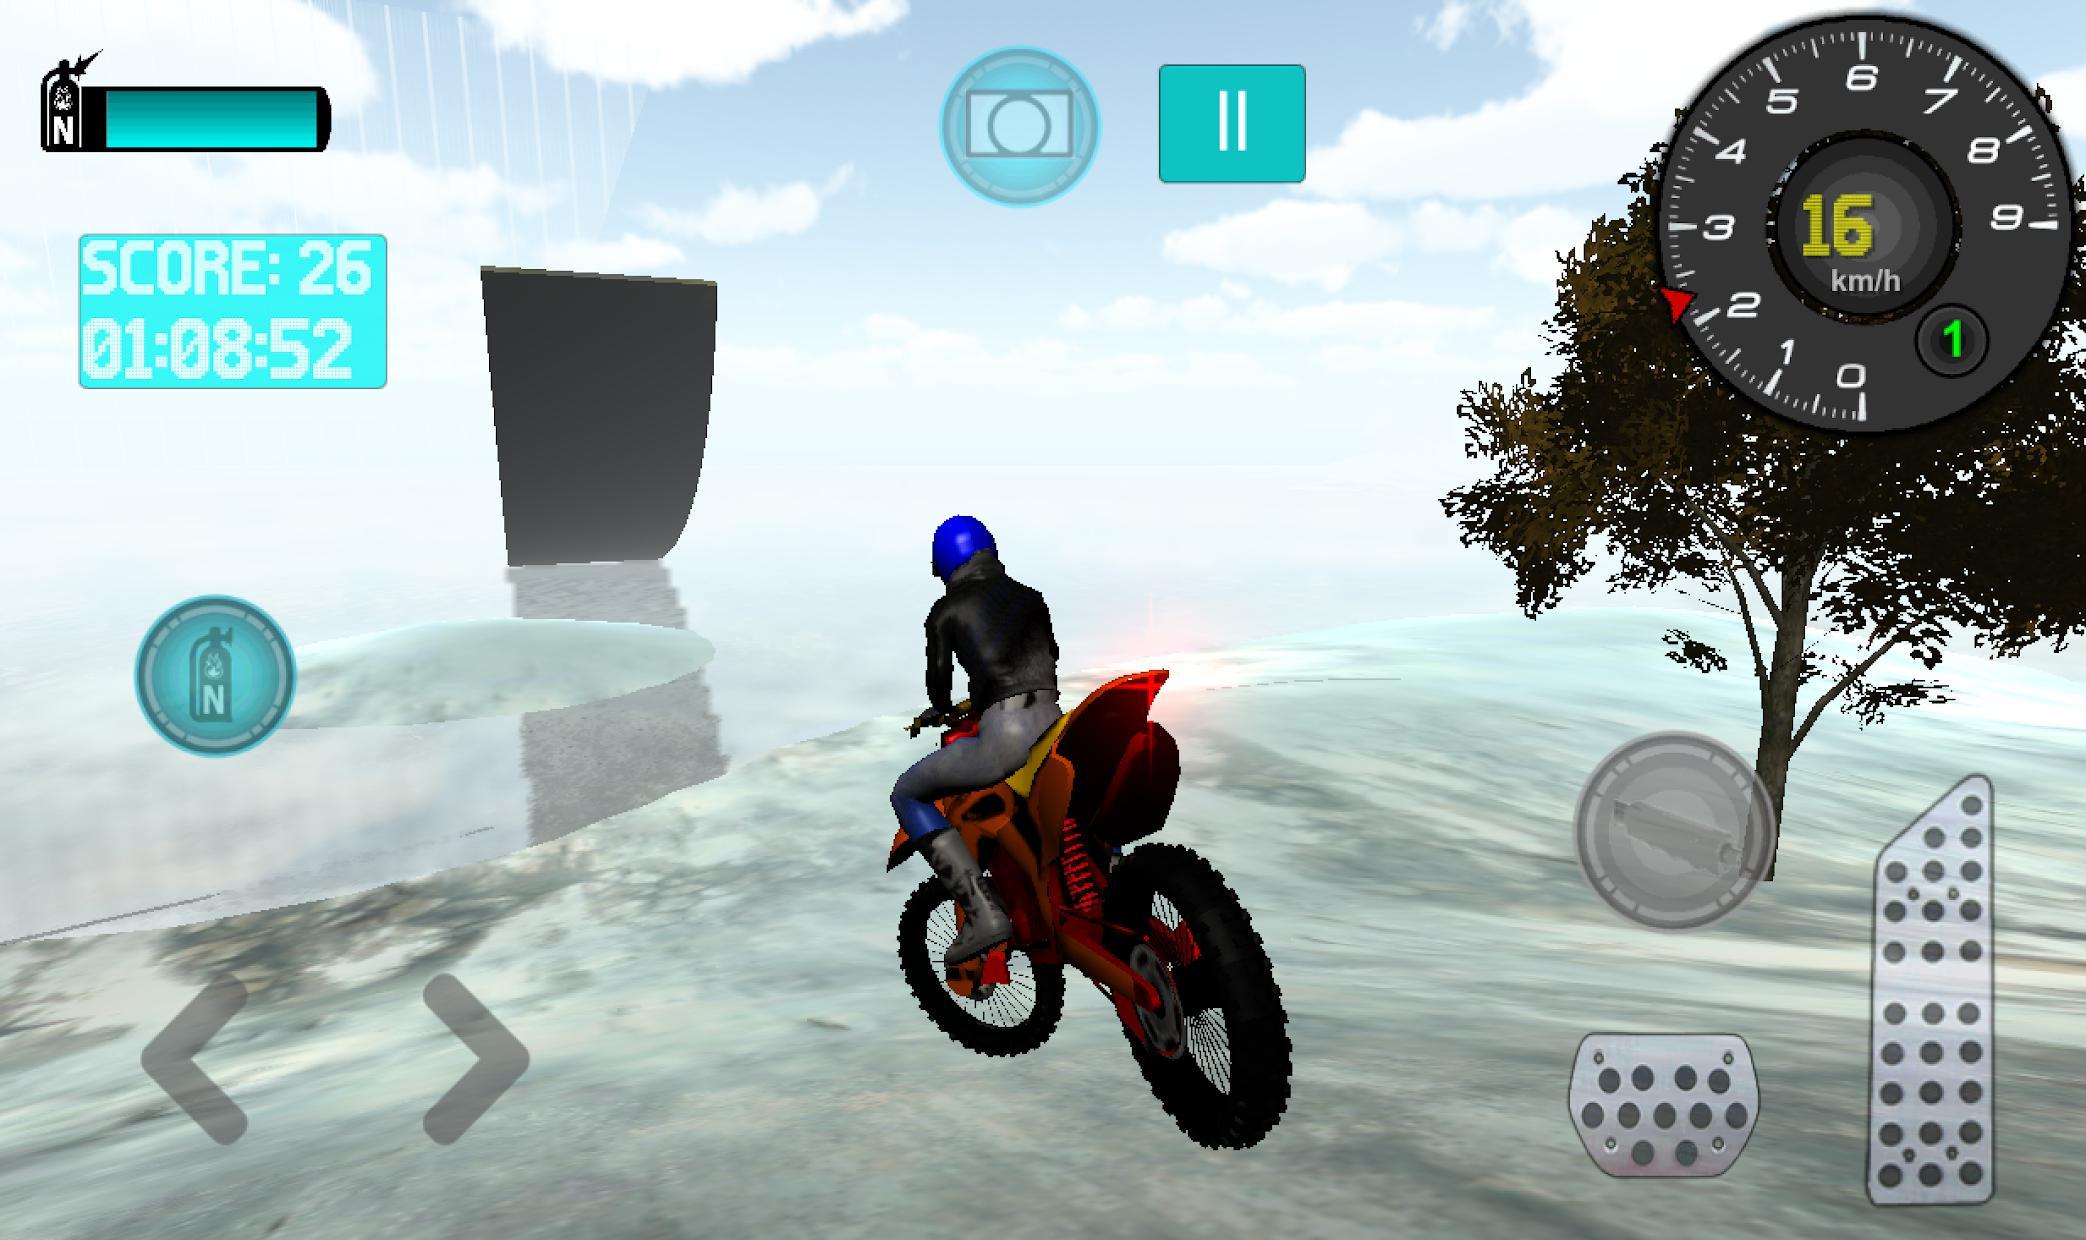 Ice Motocross 游戏截图3